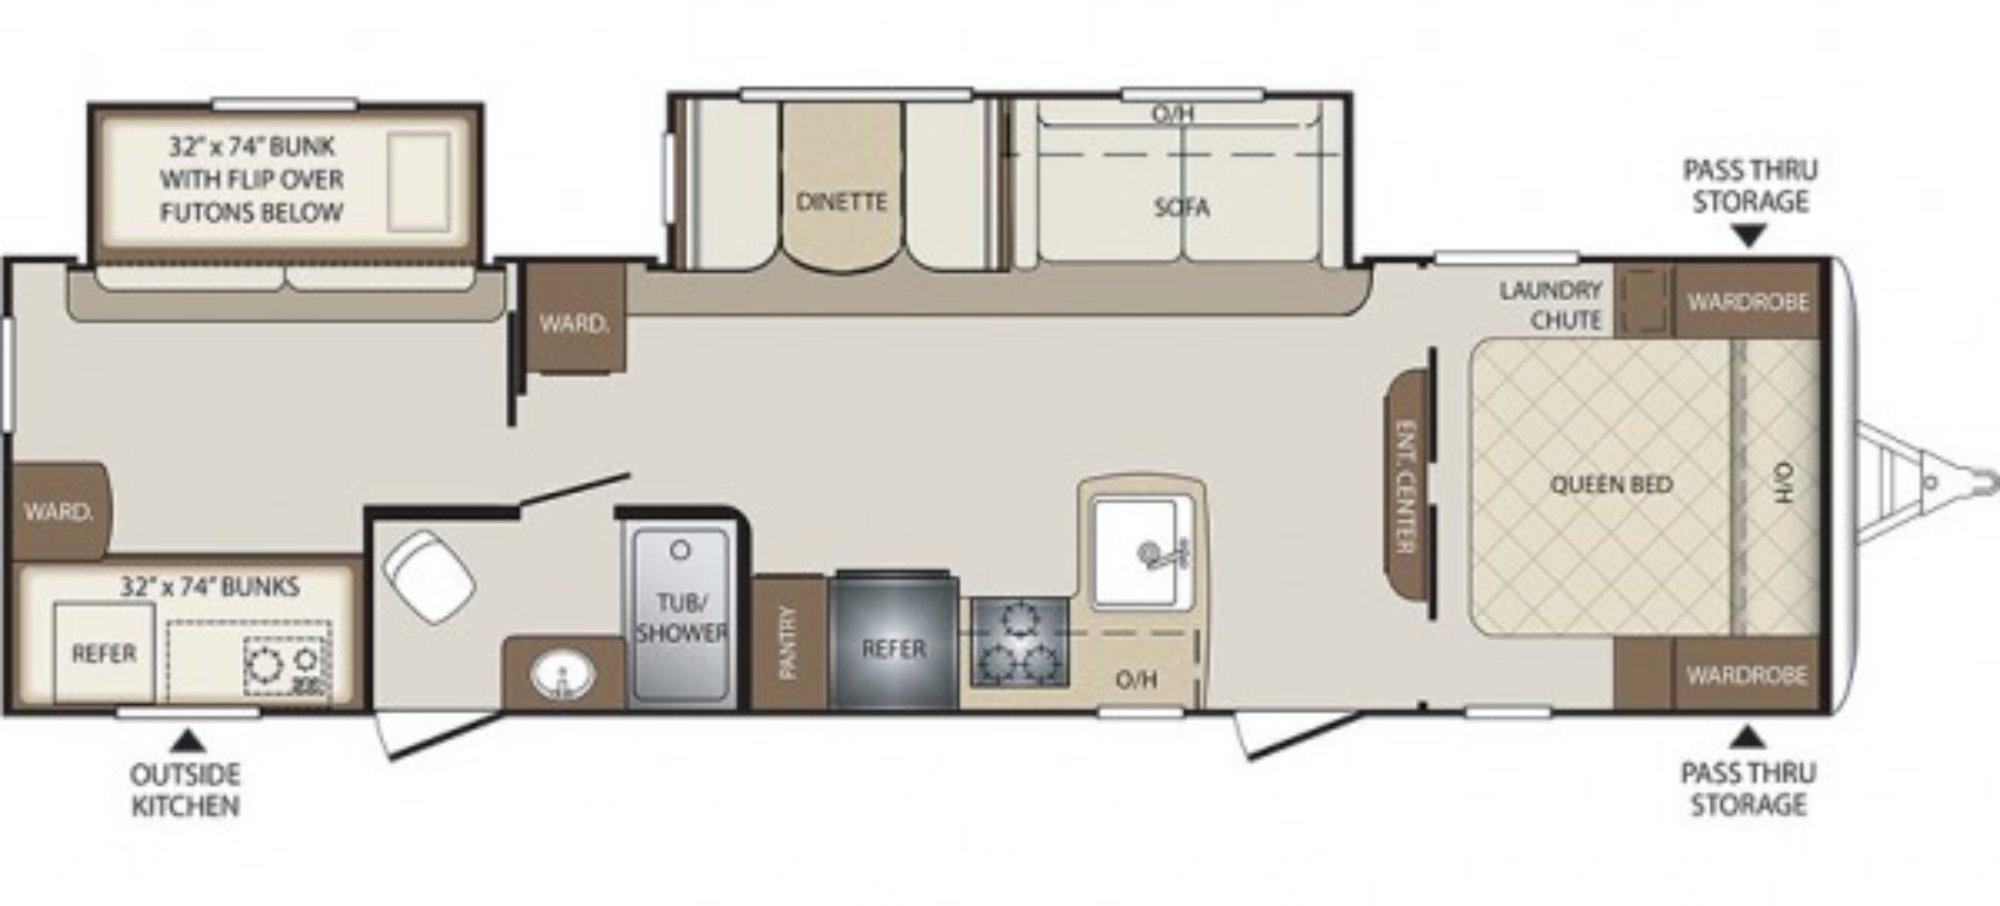 Heartland Rv Floor Plans 2017 Keystone Bullet 308bhs Camping World Of Kingston